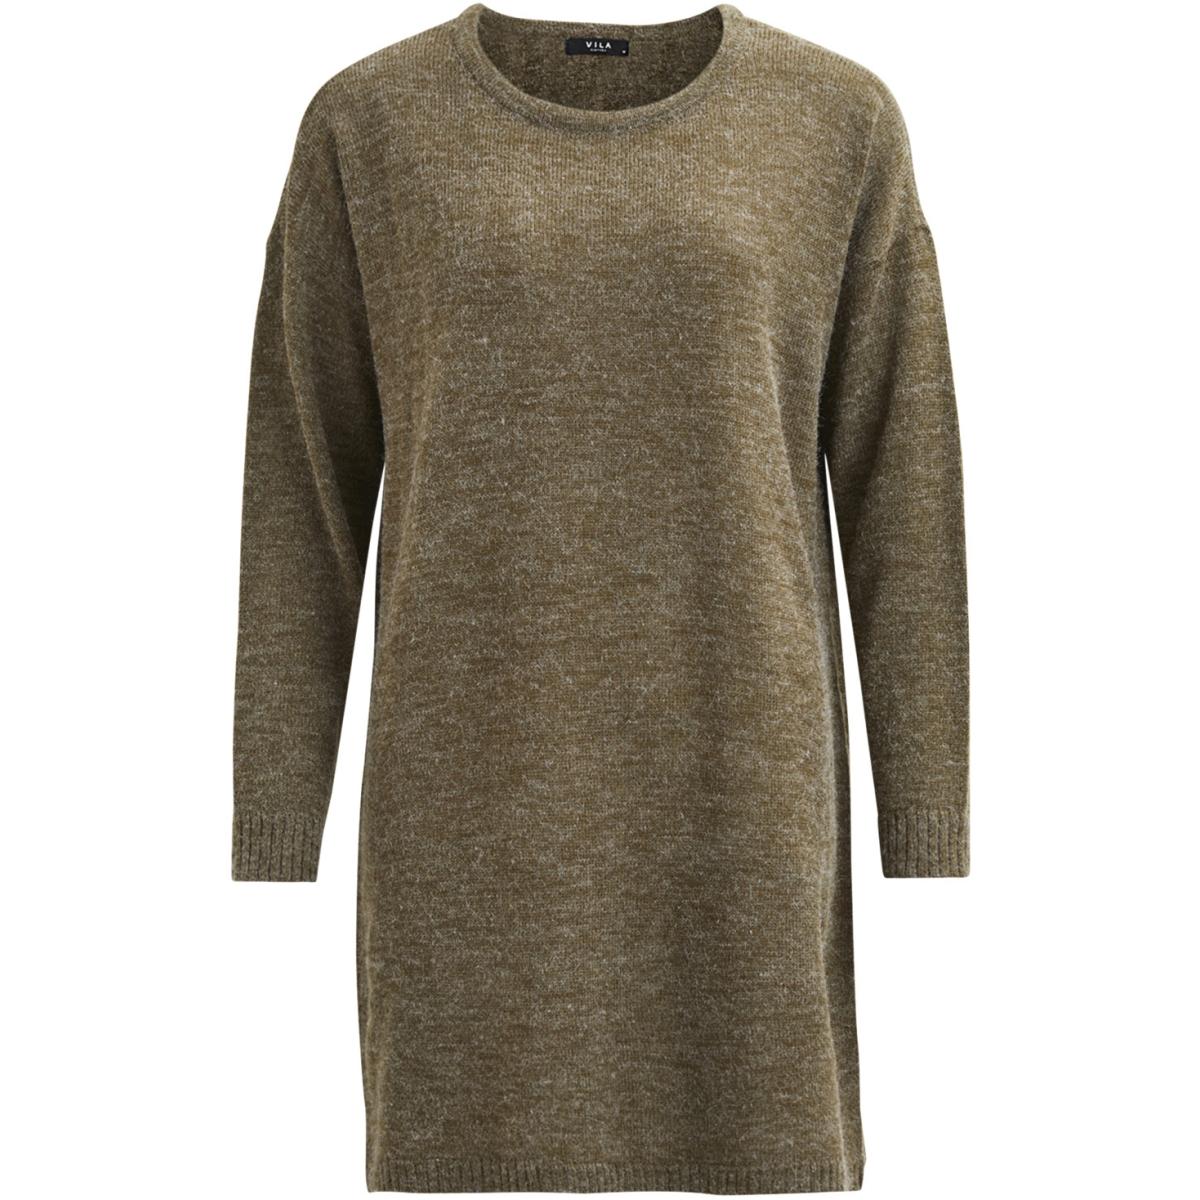 viriva l/s knit dress-noos 14029147 vila jurk ivy green/melange